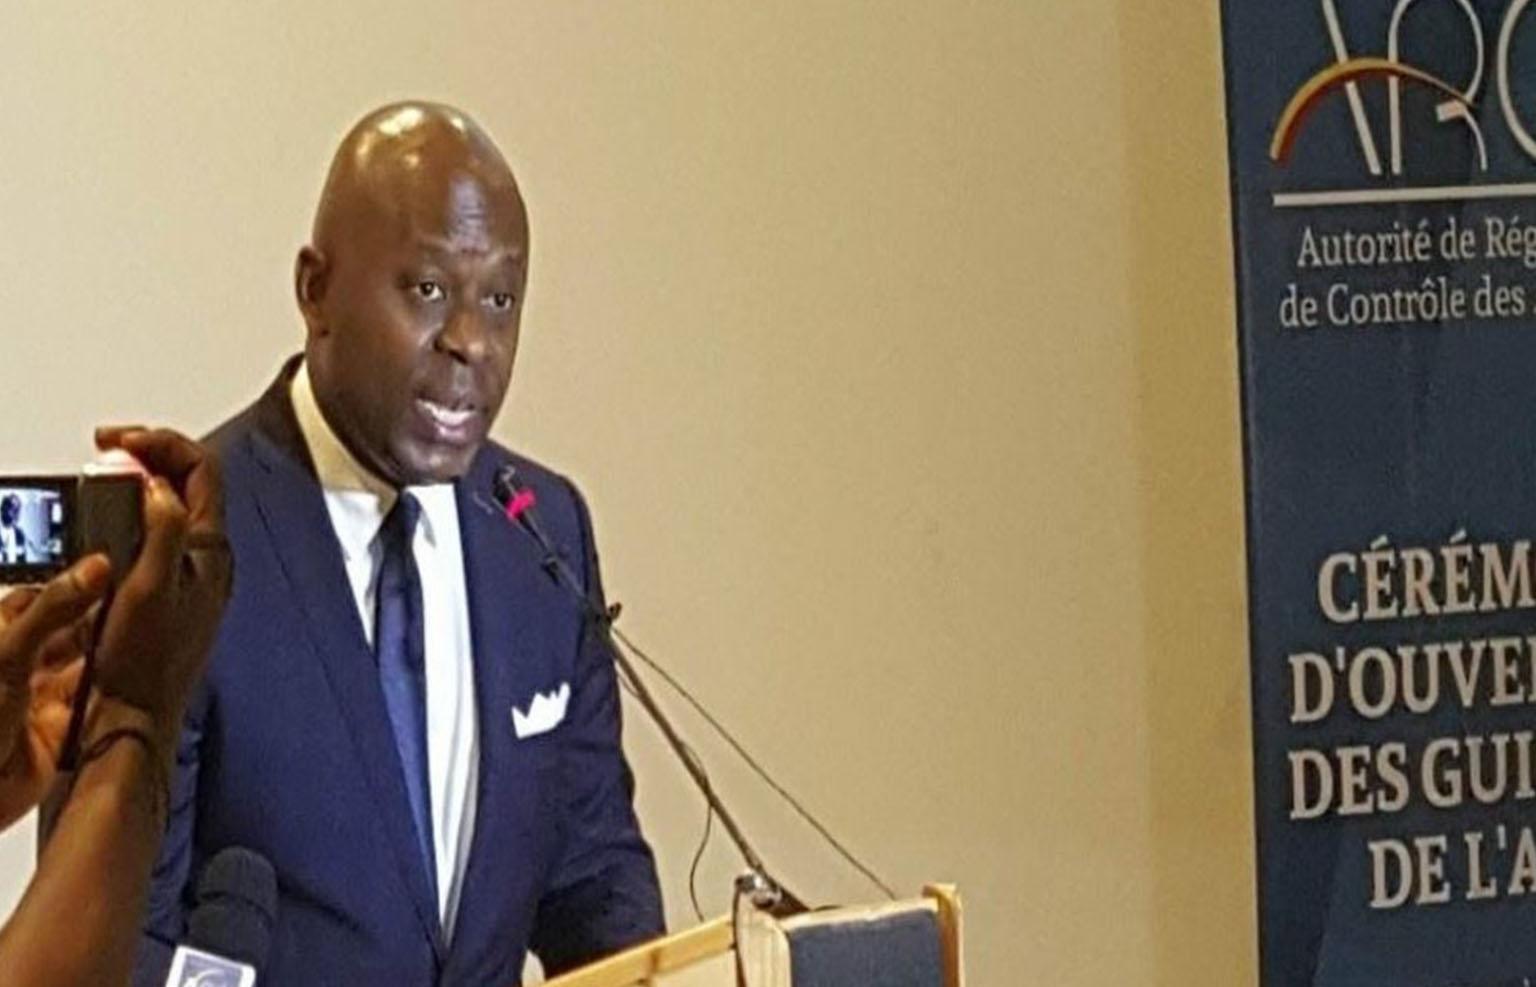 L'ARCA rappelle aux opérateurs économiques l'interdiction de souscrire à une assurance directe à l'étranger